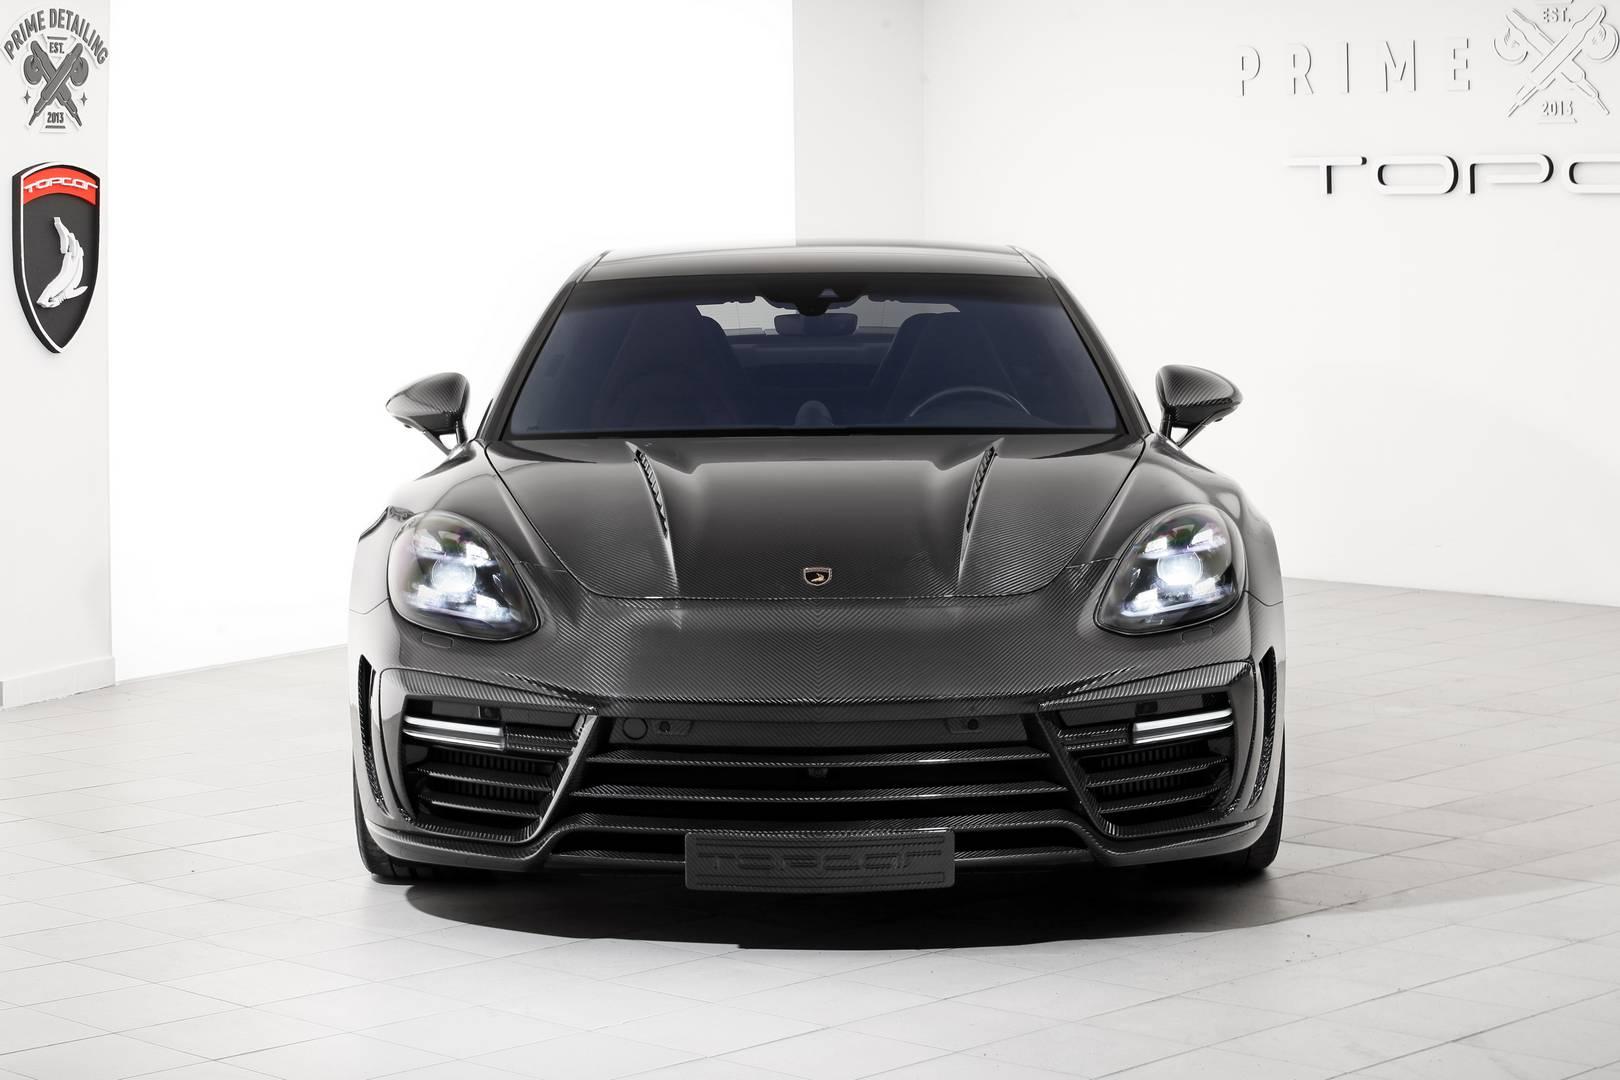 Проект, основанный на 911, PST-911 Stinger GTR. Мы видели это раньше на Женевском автосалоне, и он выглядит довольно аккуратно. Пакет Carbon Edition от TopCar более совершенен, чем отдельные детали, которые предлагаются для других 911.